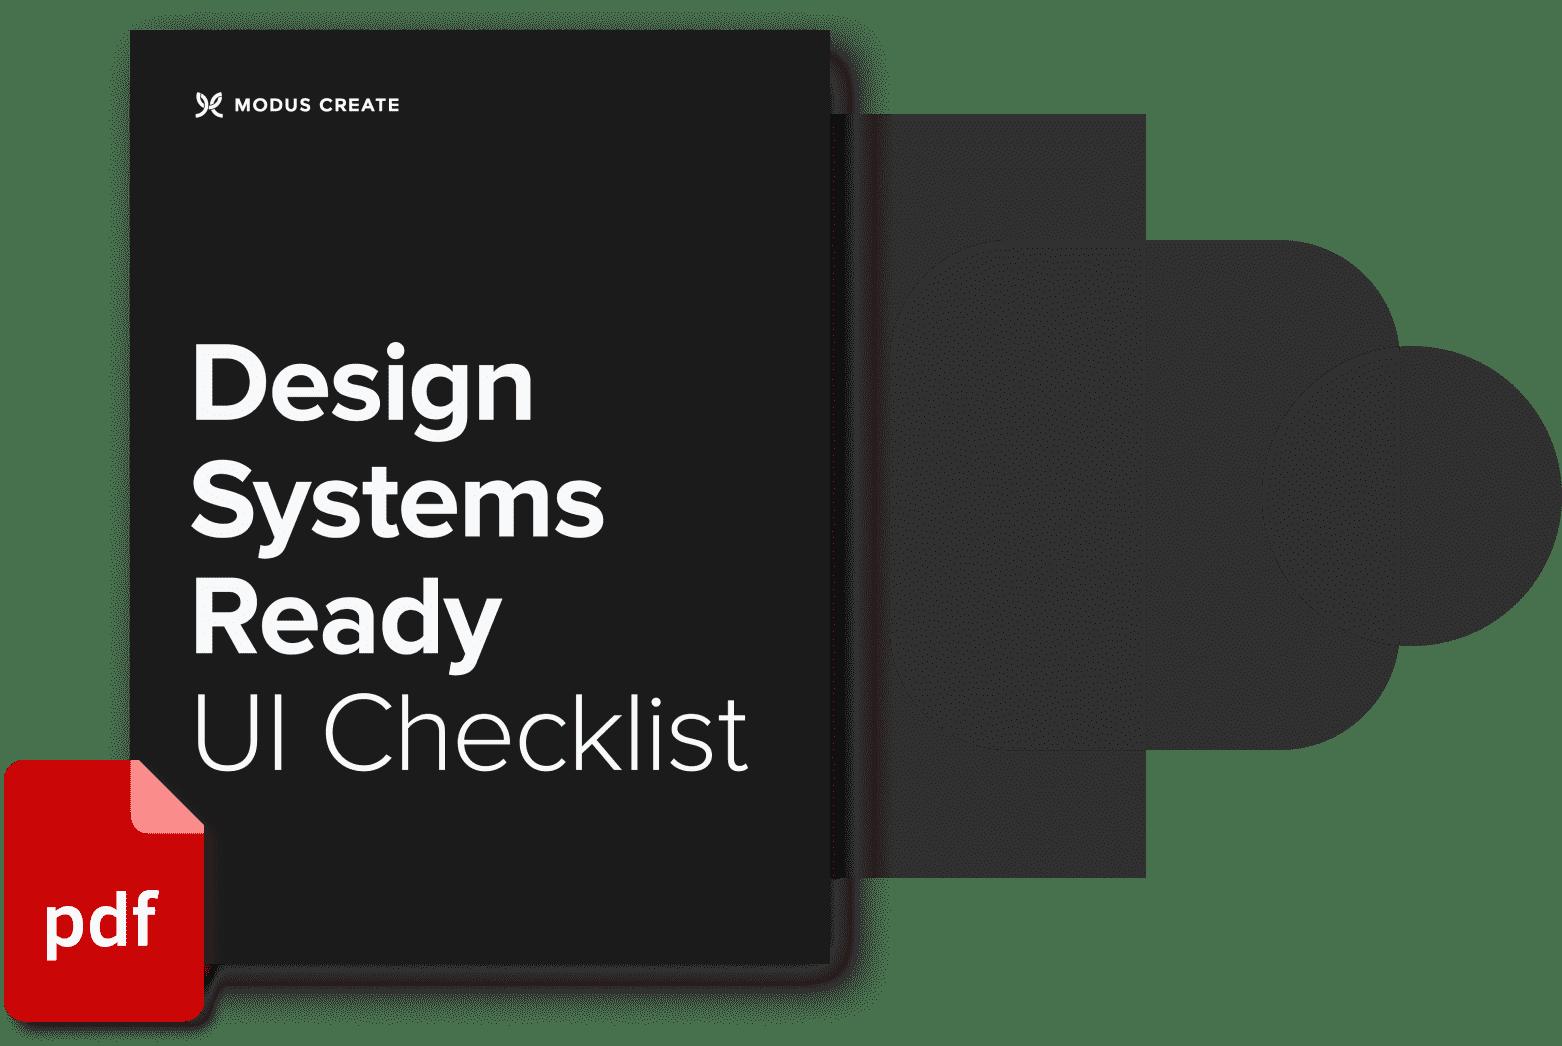 Modus-Design-System-Checklist